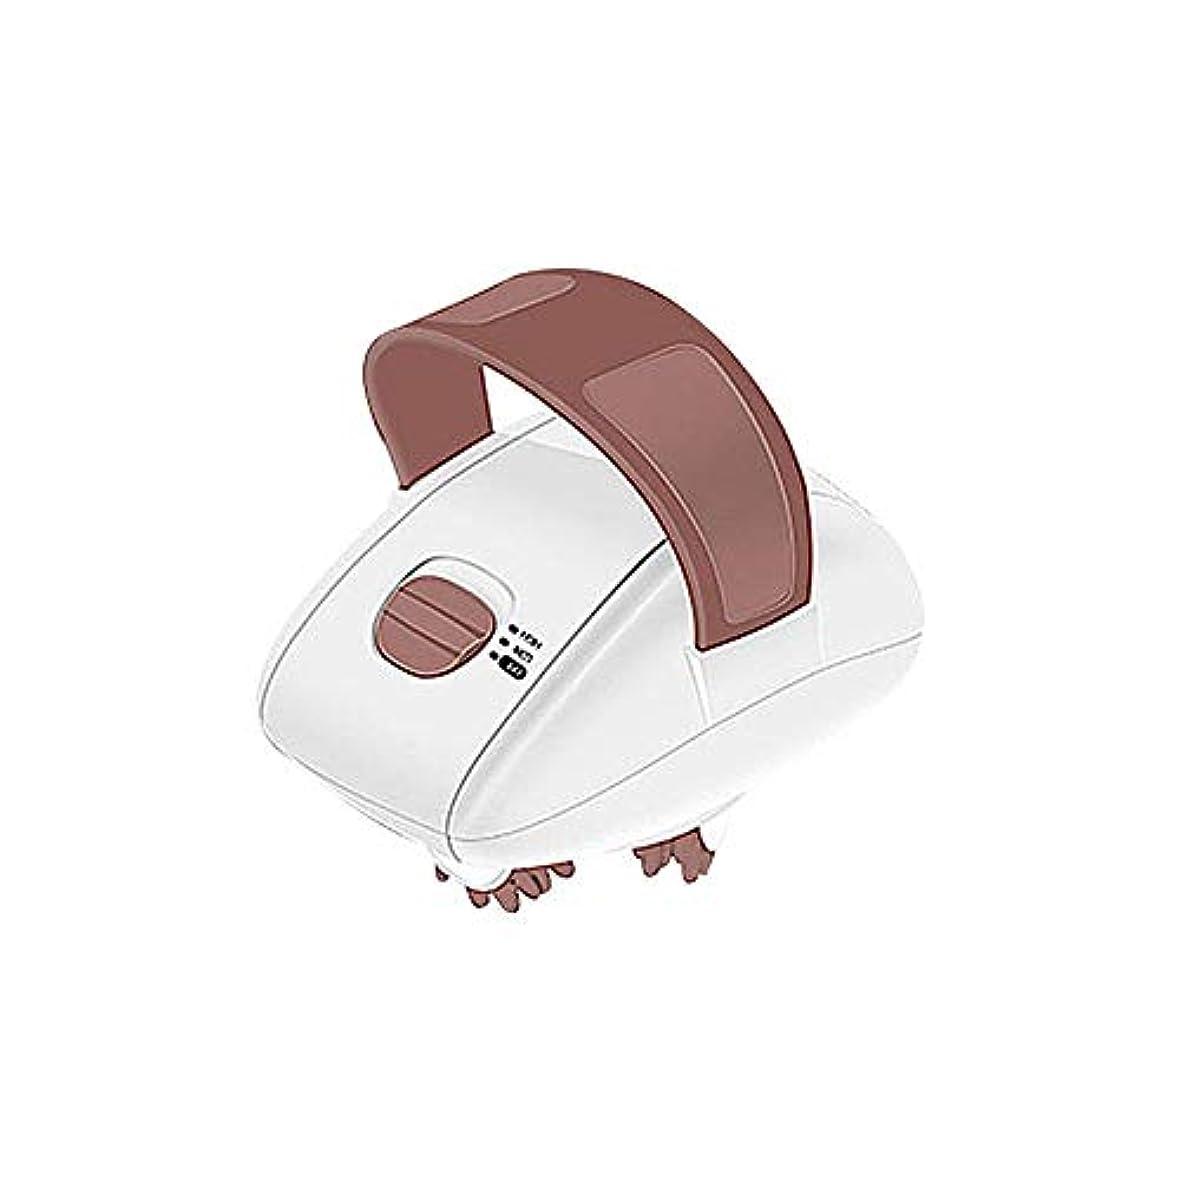 ラジエーターシャックル単語3D ミニボディスリム 電動ギアミニマッサージャー 多機能 ボディ ハード マッサージローラー 美脚 腕痩せ 疲れ解消 全身にマッサージ ダイエット 電動ローラー ミニ脂肪マッサージ師 2色選べる